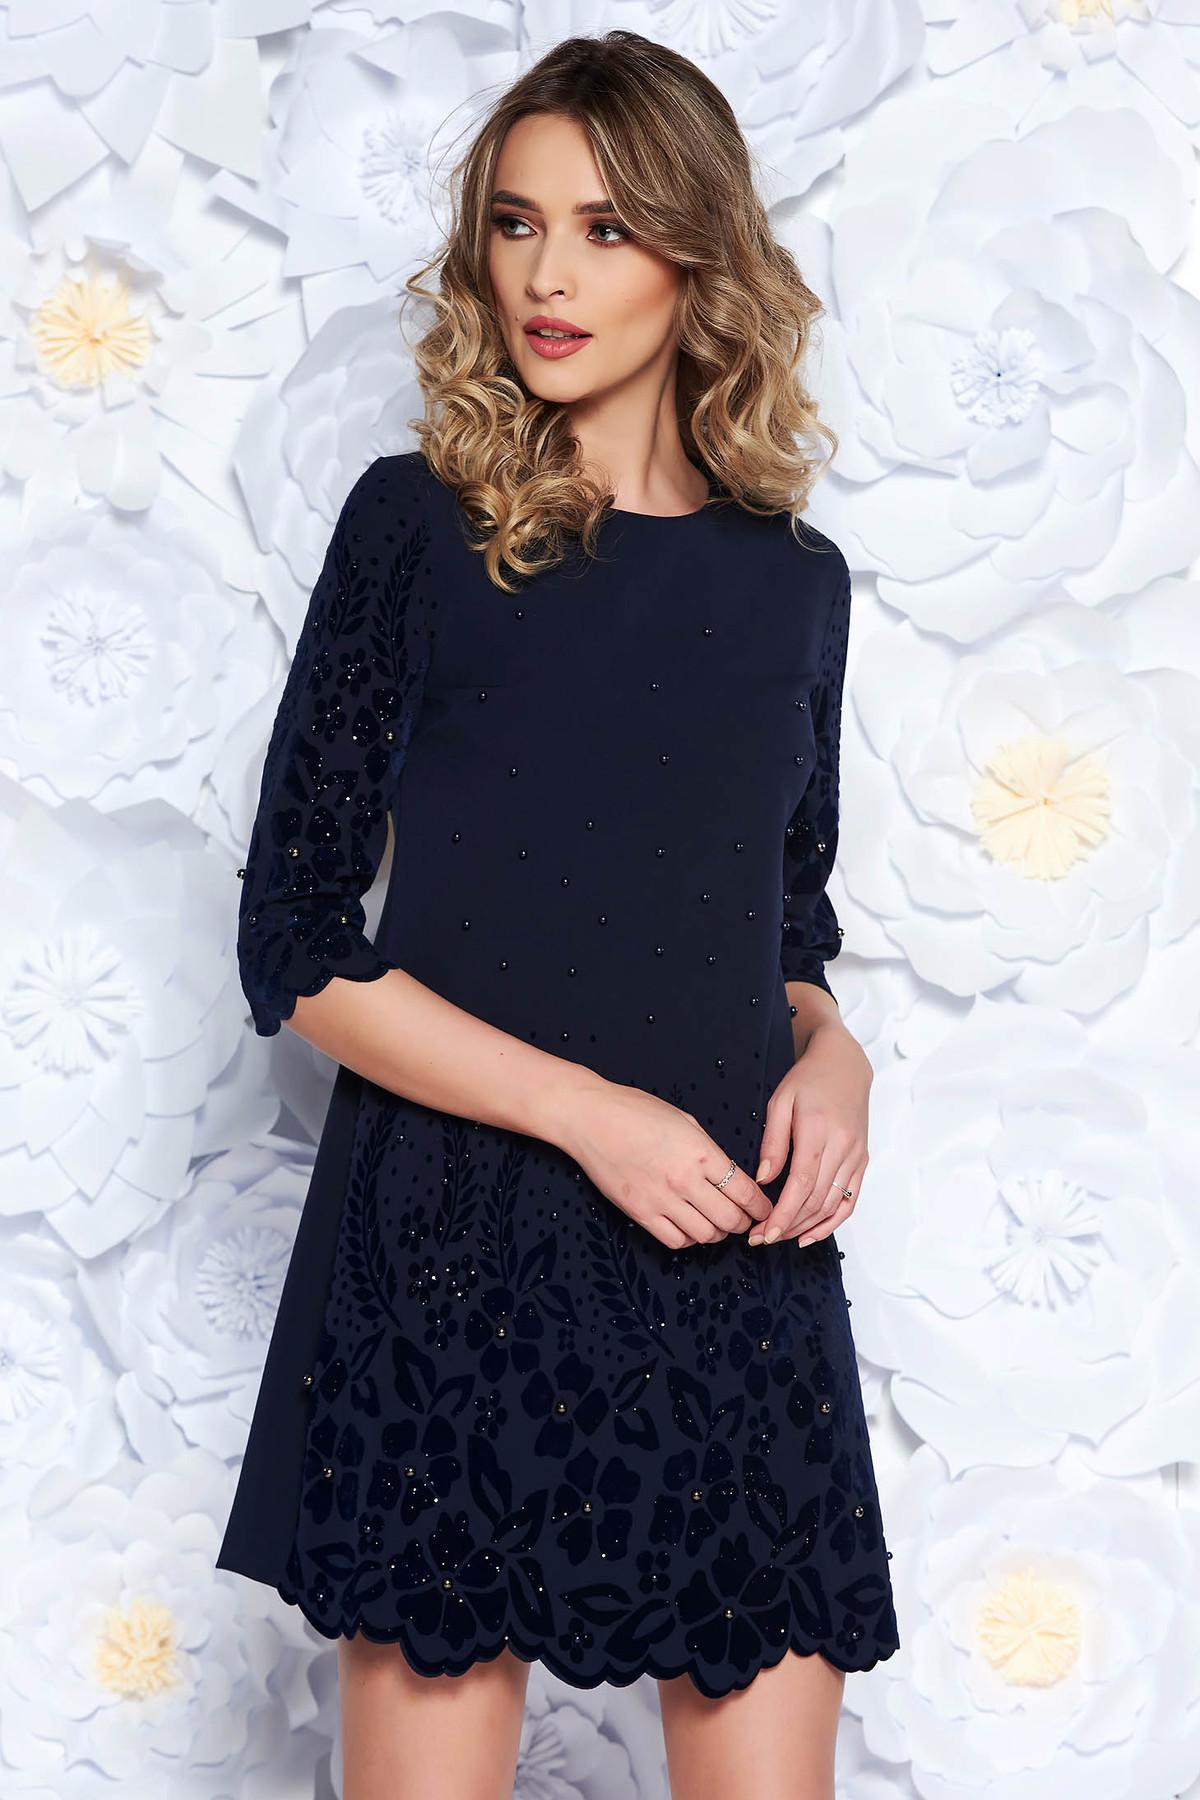 Rochie albastra-inchis eleganta cu croi larg din stofa usor elastica cu aplicatii cu perle